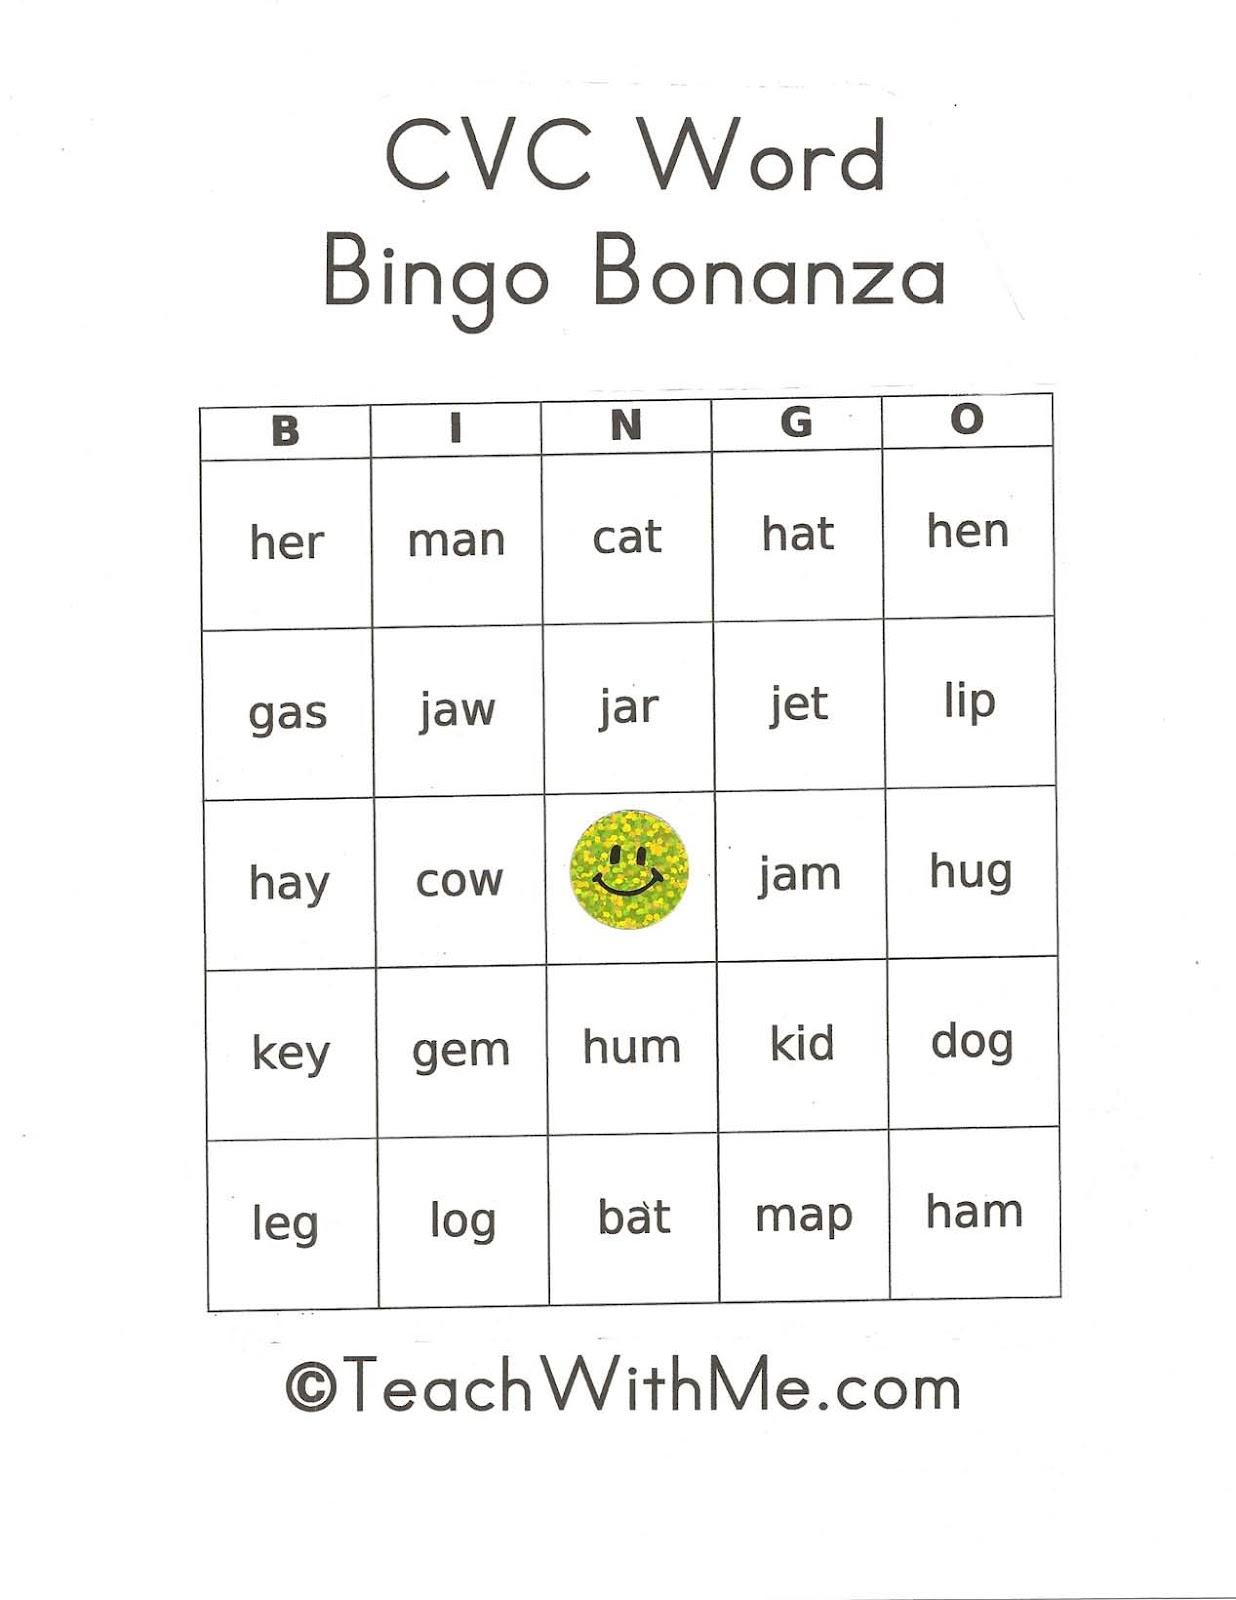 Cvc Bingo Cards